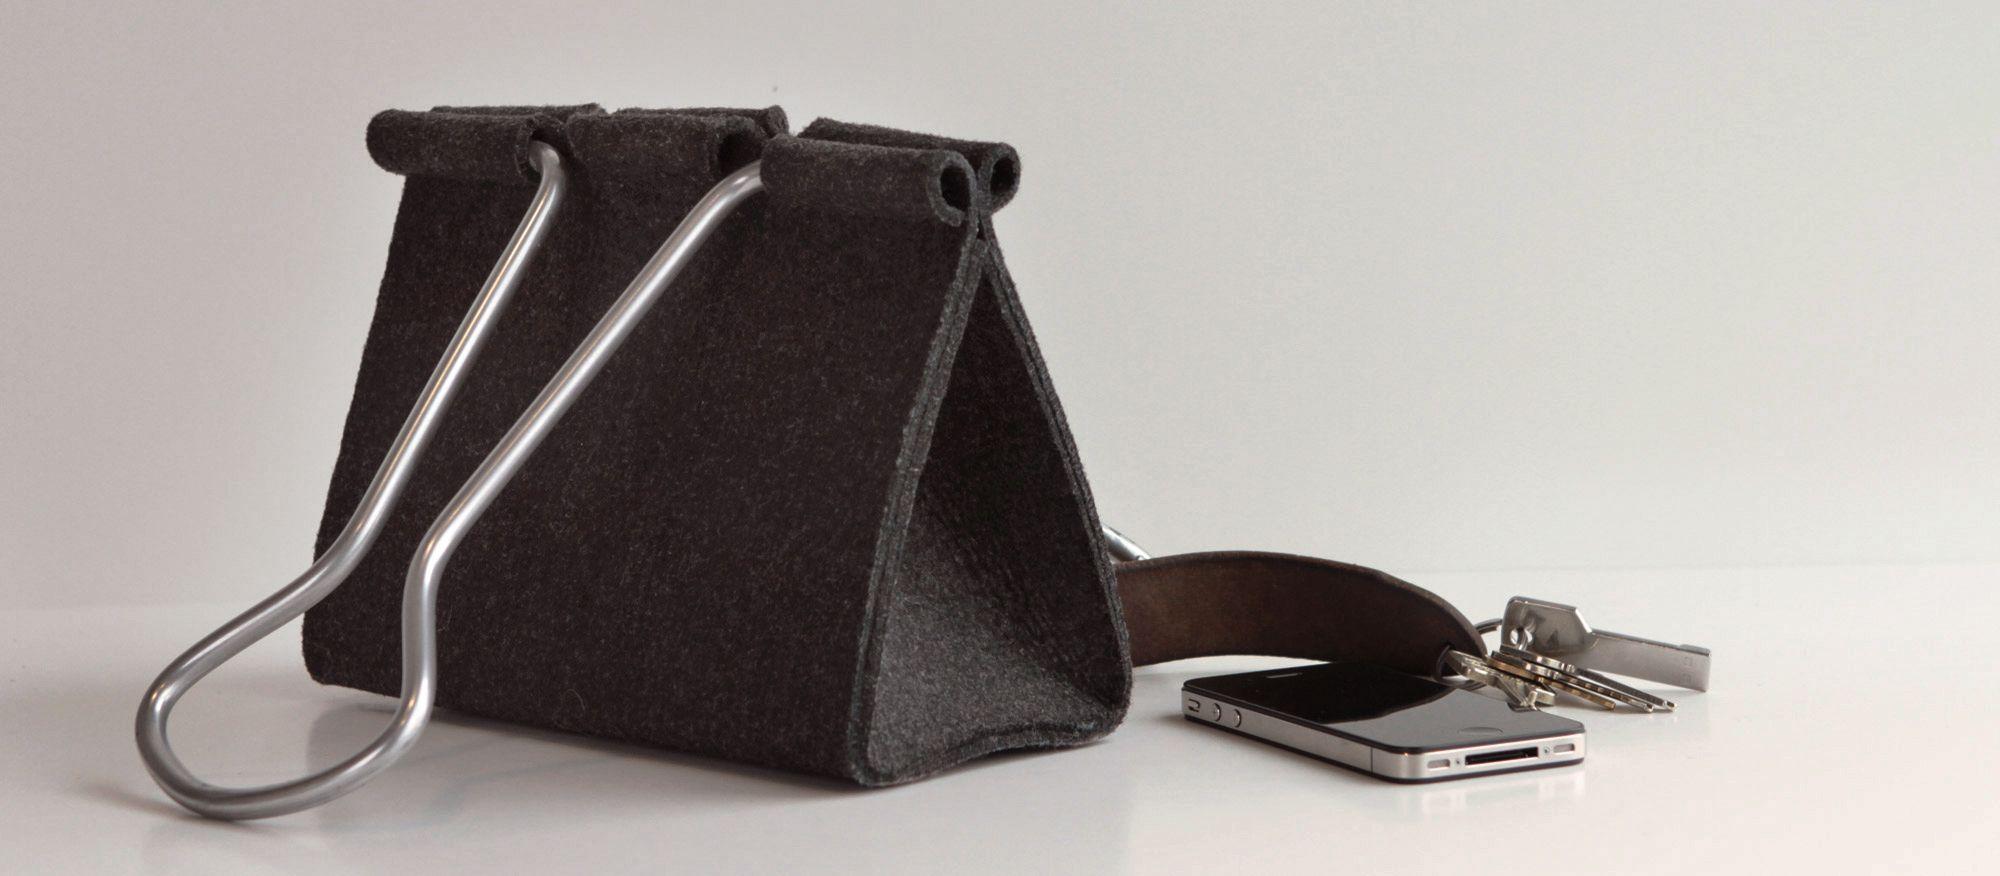 Ce sac en forme de pince vous fait ressembler à une poupée de taille humaine